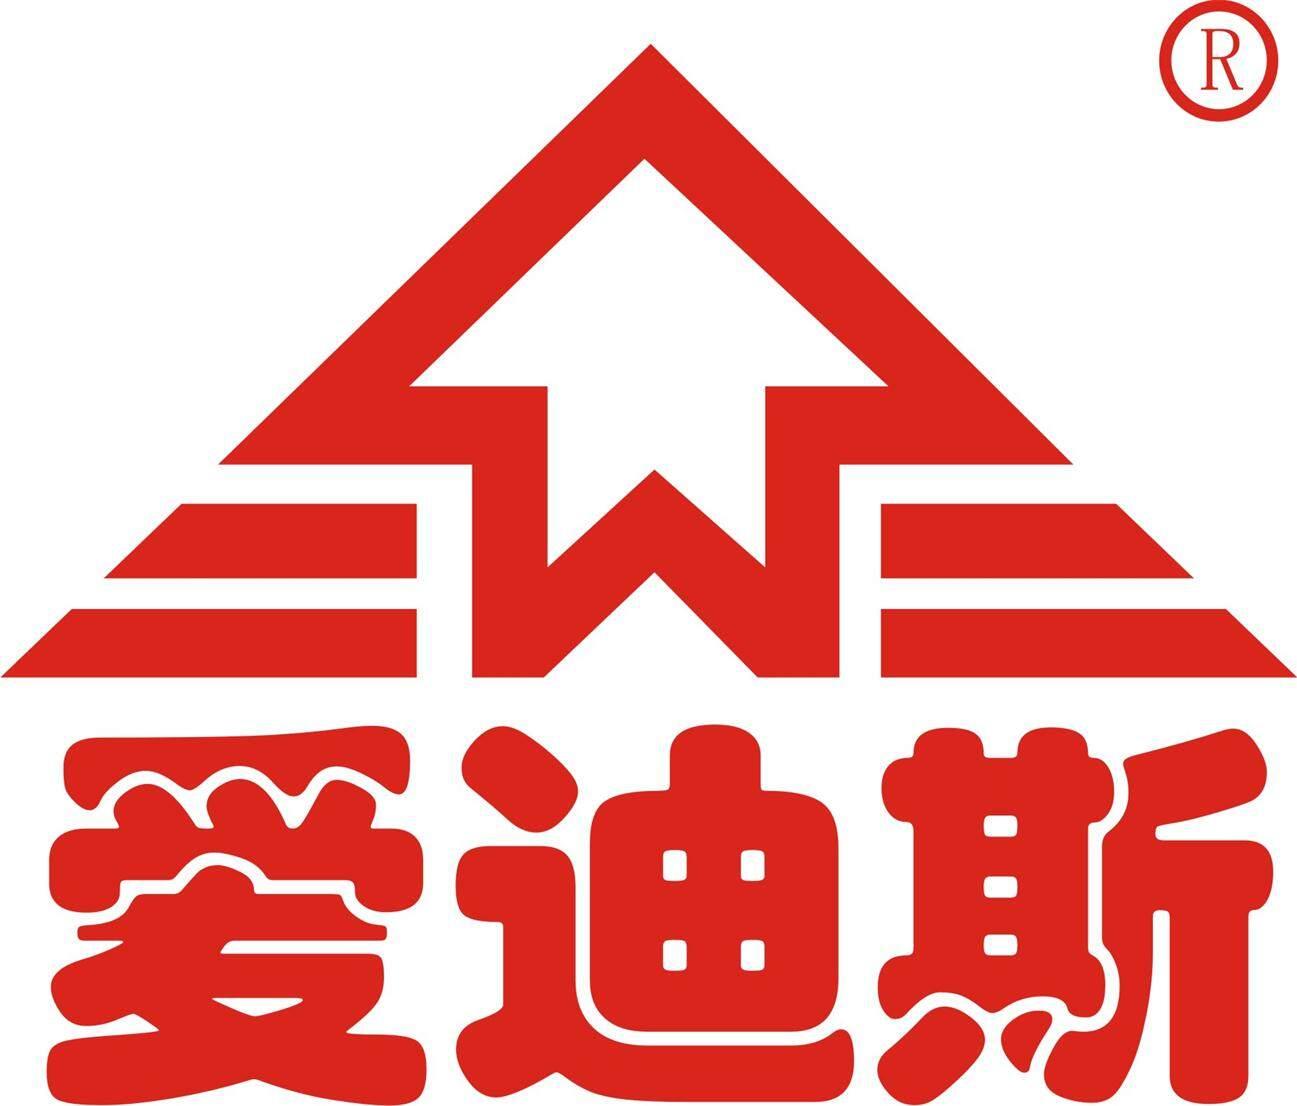 广州爱迪斯建筑材料有限公司